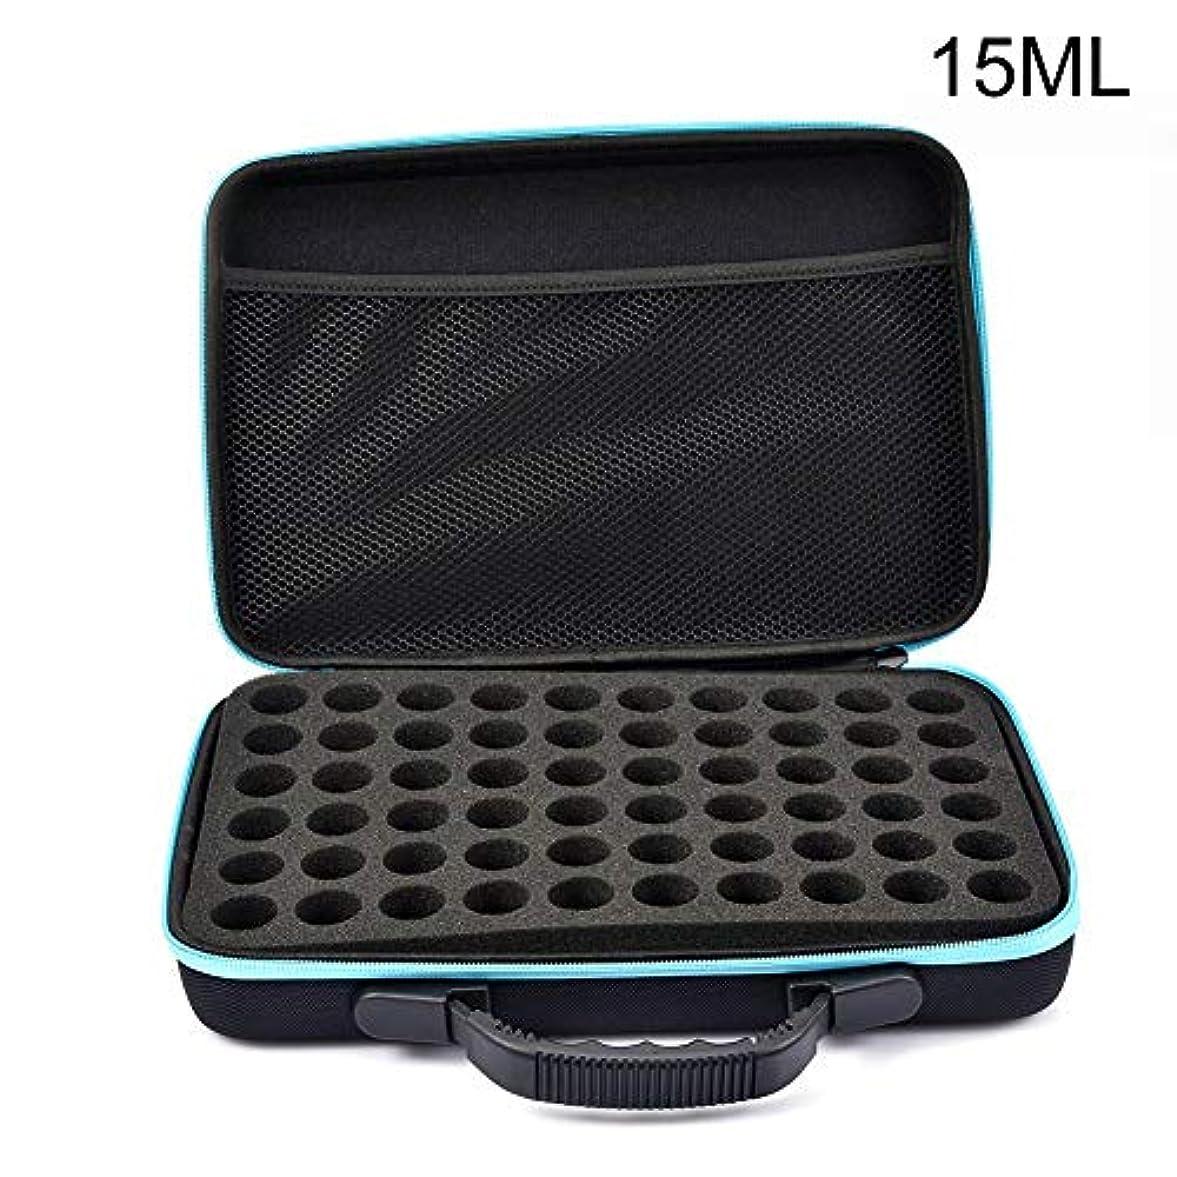 汚染された胚芽治世Pursue アロマ オイル ケース エッセンシャルオイル収納ボックス 精油収納ケース 大容量 携帯便利 60本用